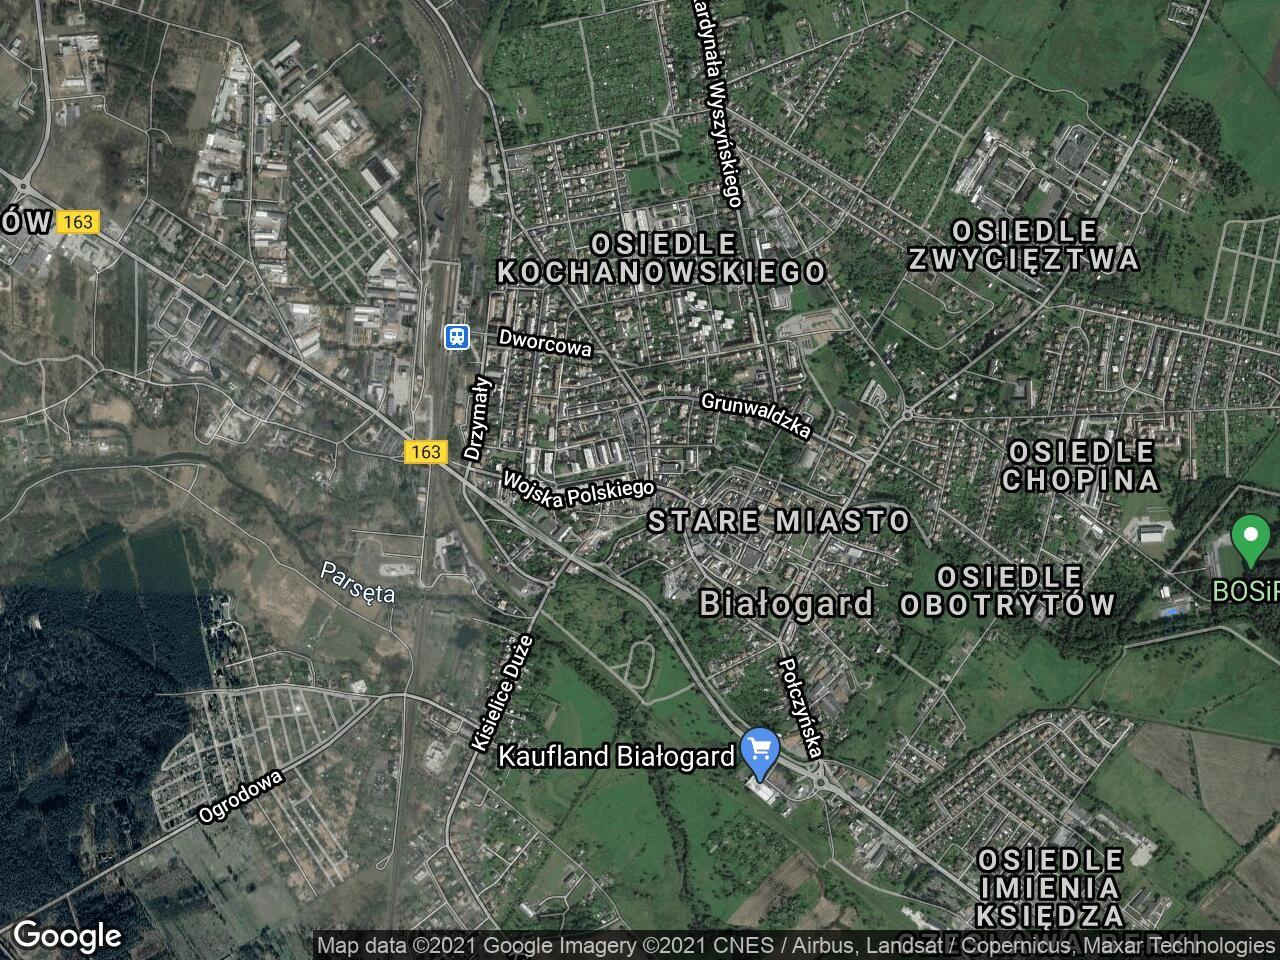 Lokal Białogard, ul. Wojska Polskiego